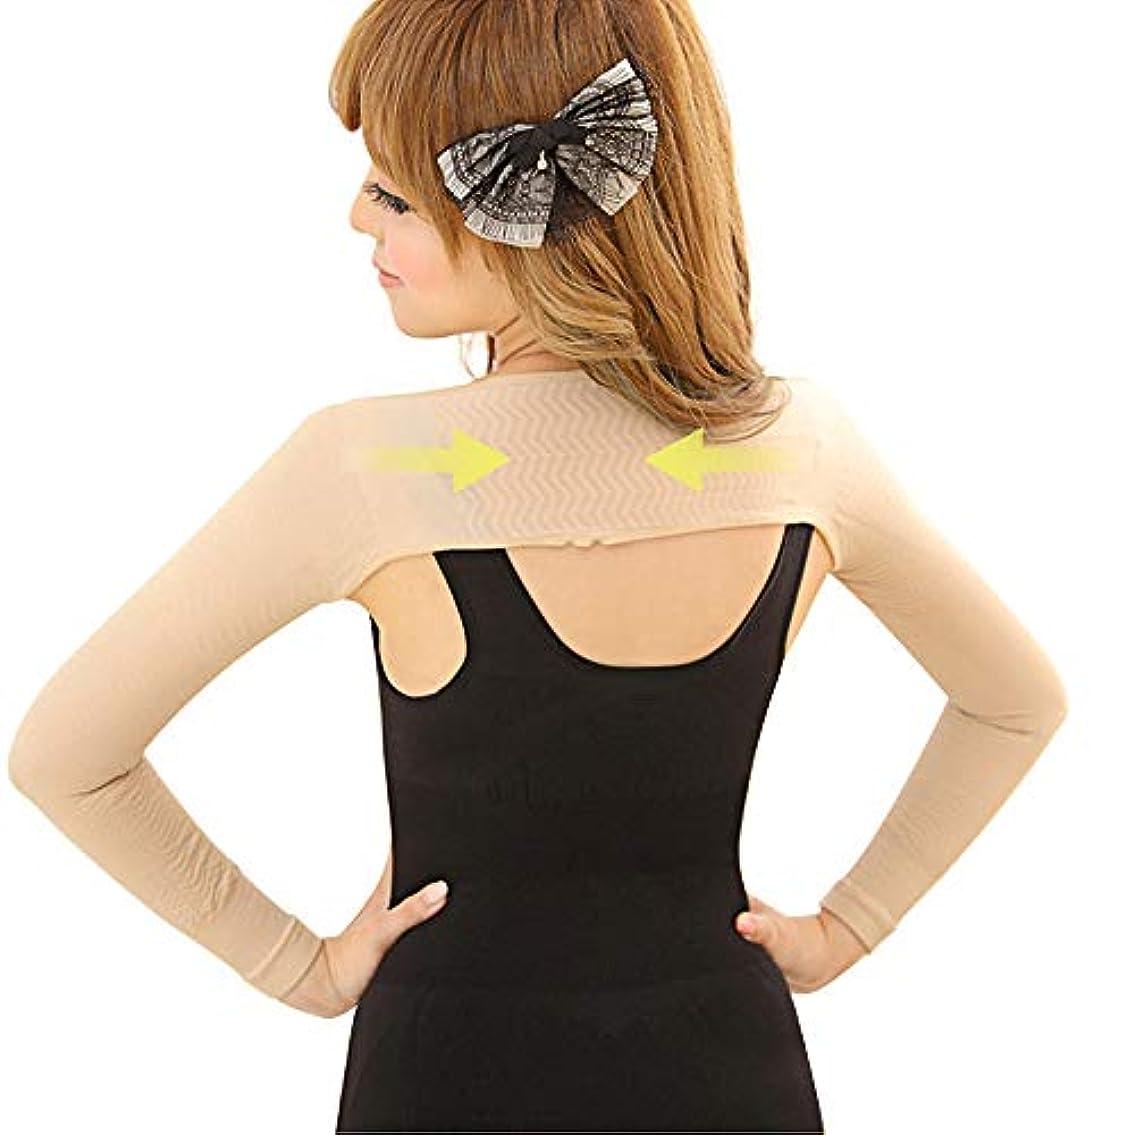 ブロンズペリスコープ寛容実用服飾専門店 送料無料 姿勢矯正 二の腕シェイプケア 背筋矯正 肩サポーター 補正下着 二の腕痩せシェイパー姿勢 インナー 女性 (ベージュ)